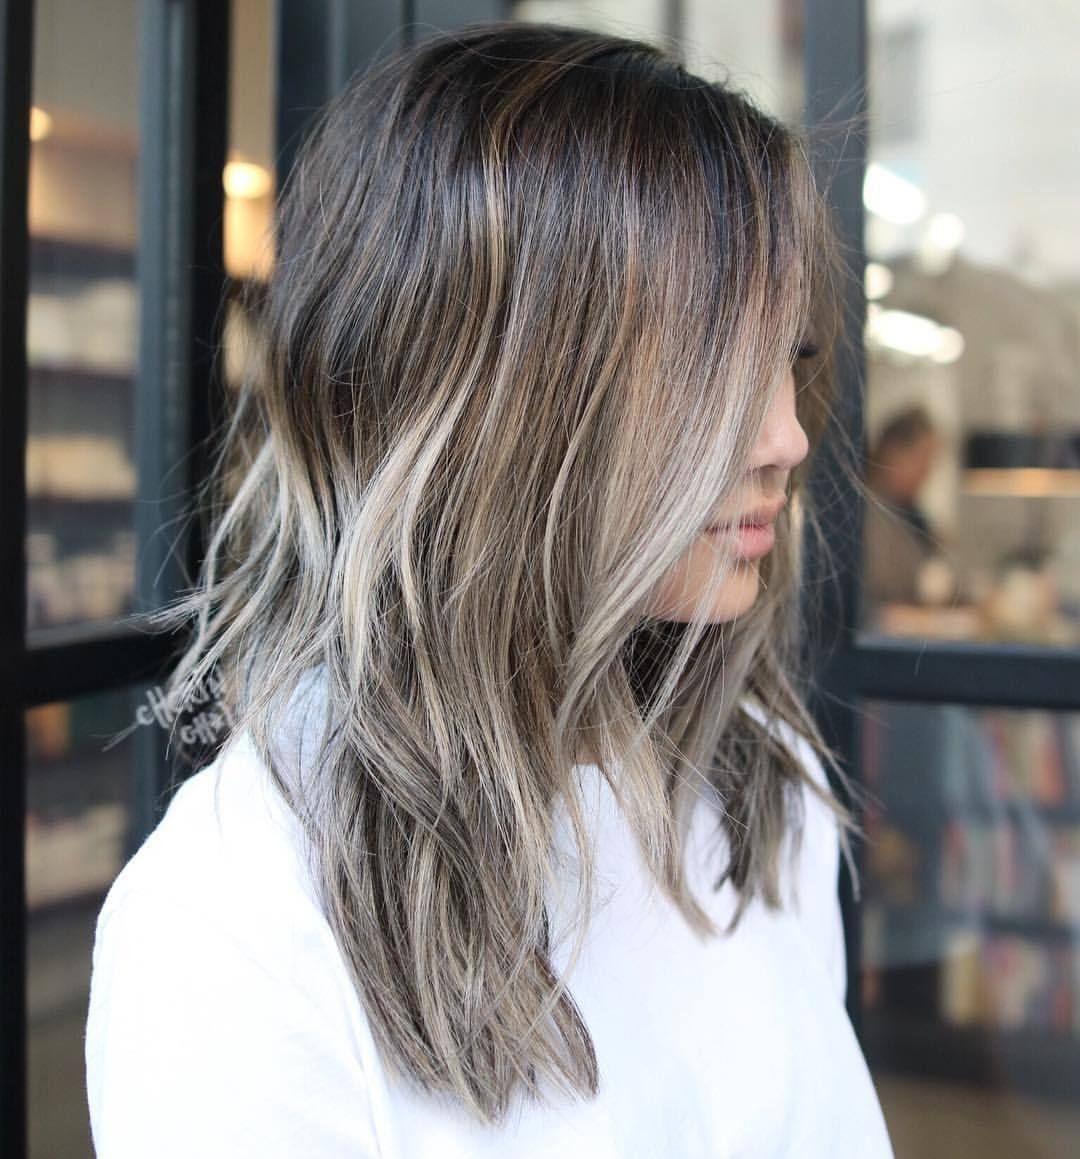 Cool Tones Blended From Level 2 Hair Brunette Brunettehair Hair